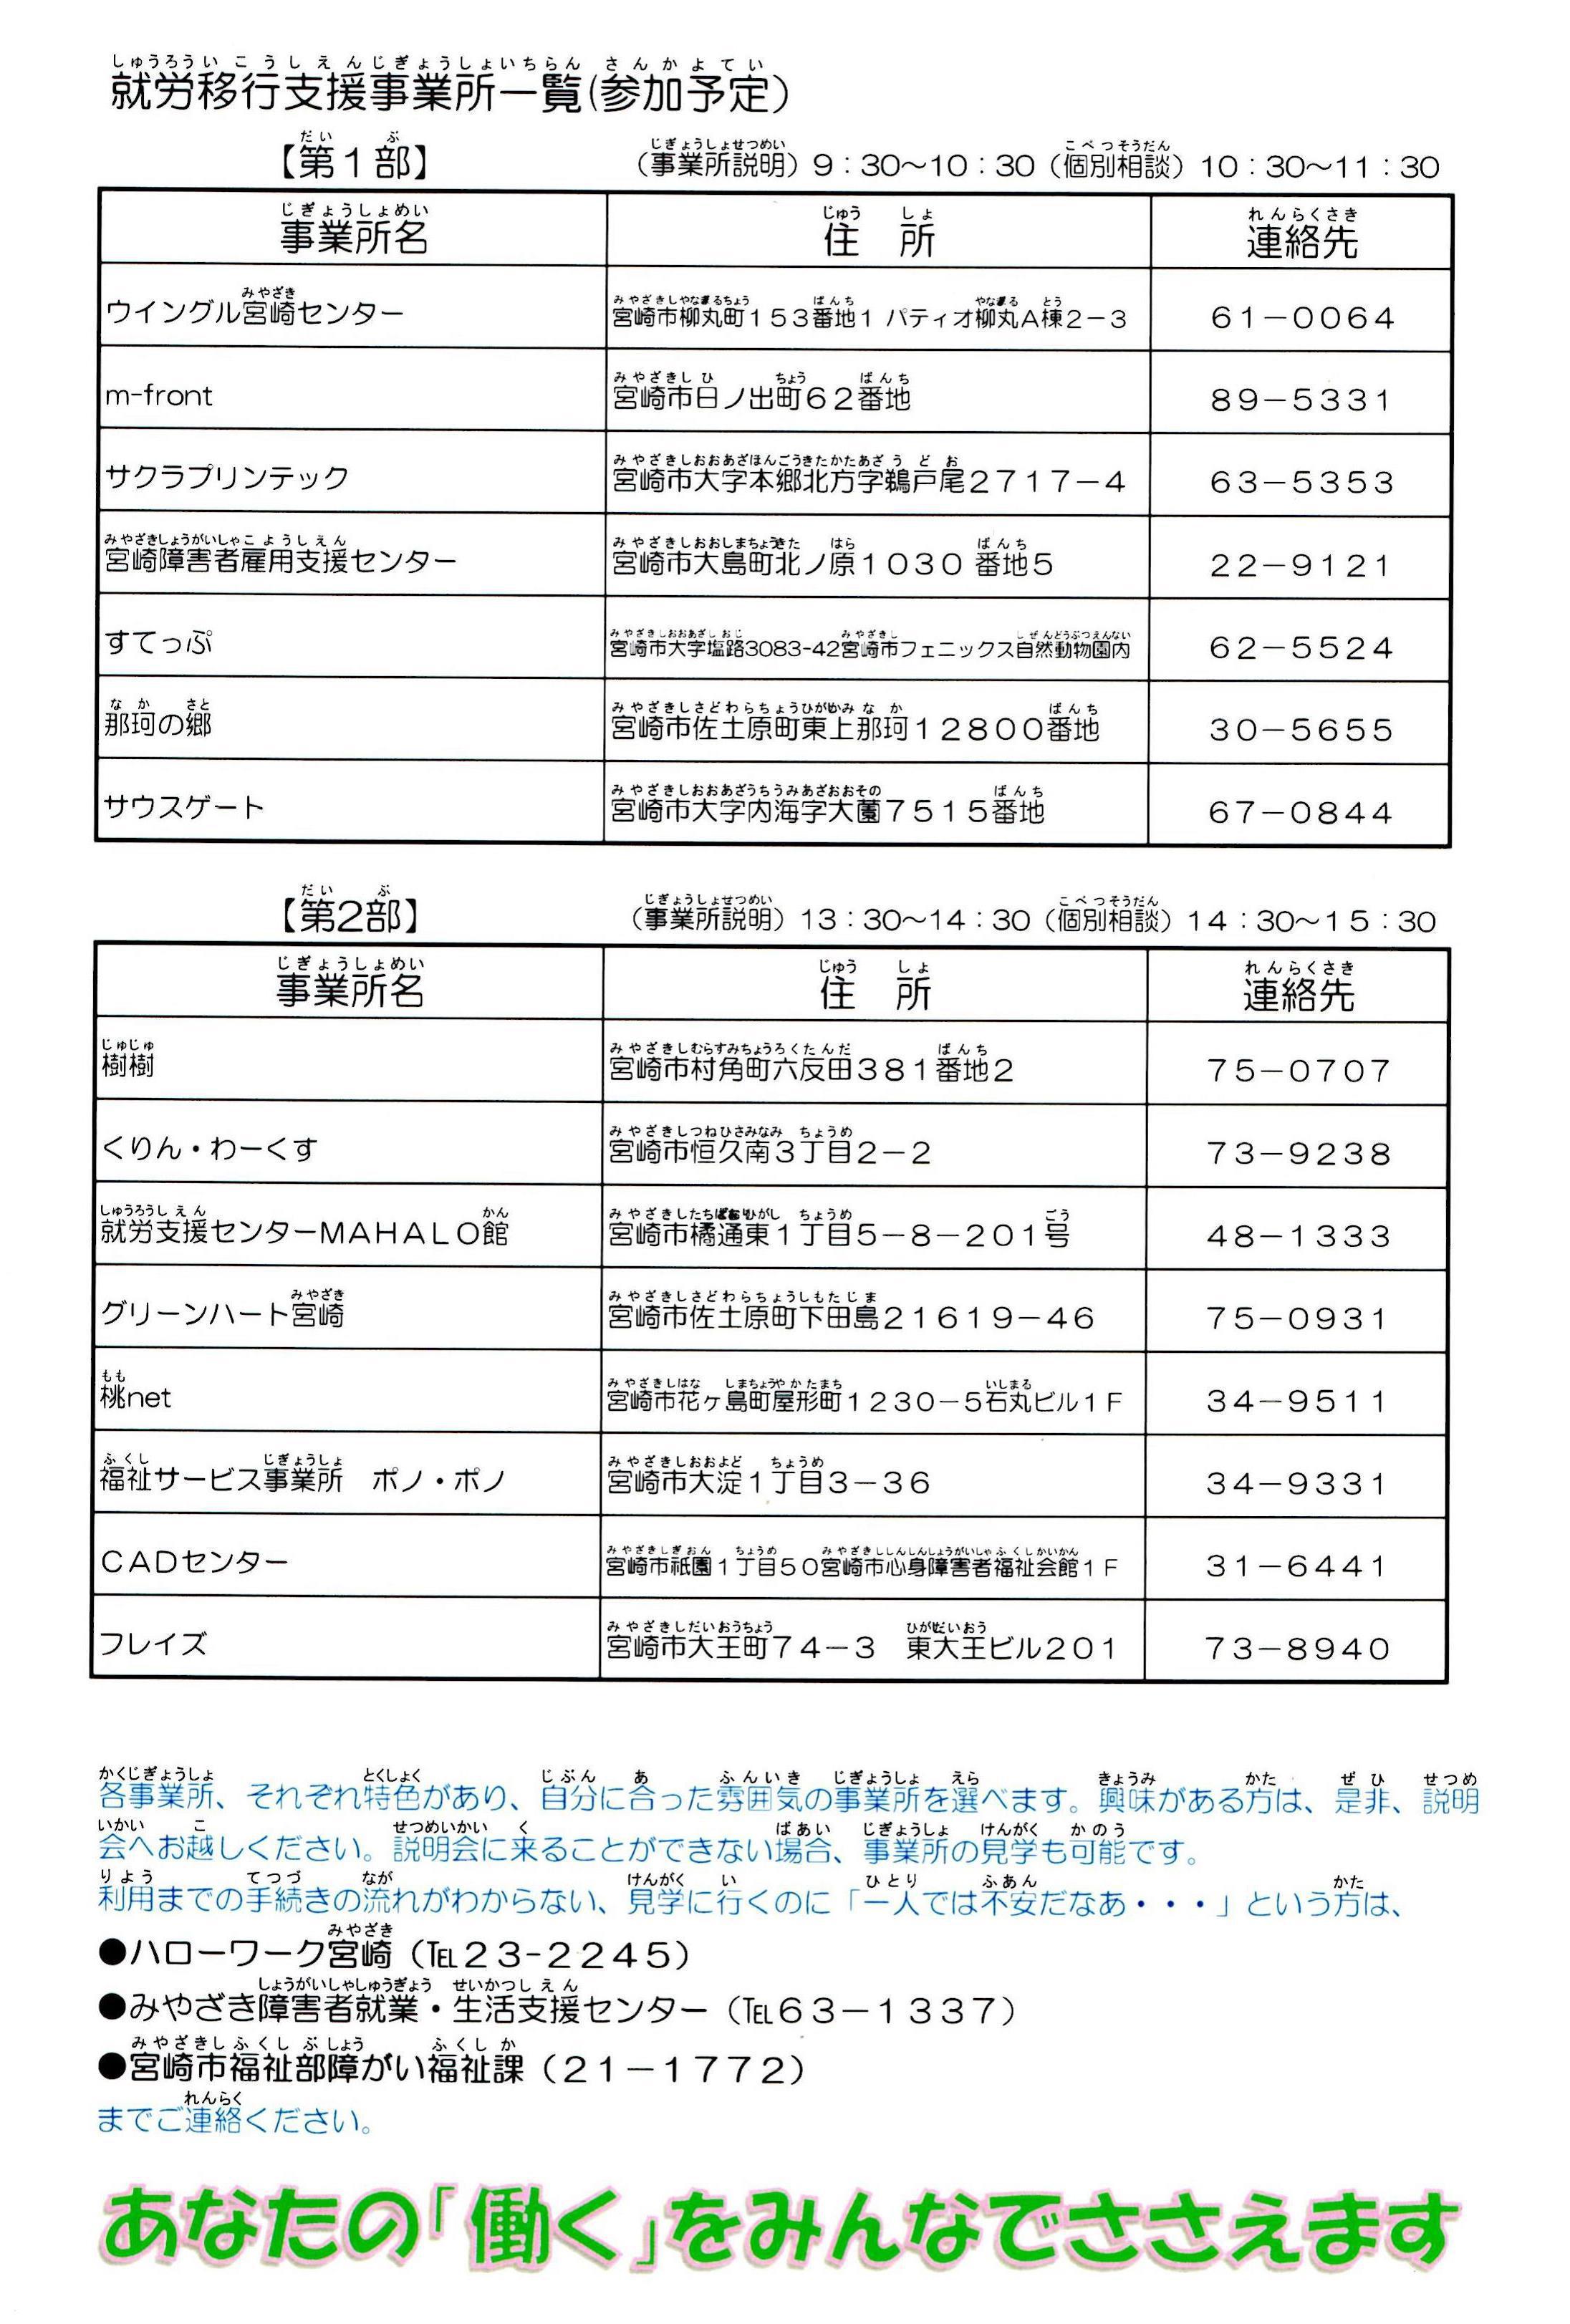 20151027 就労移行支援事業所説明会裏